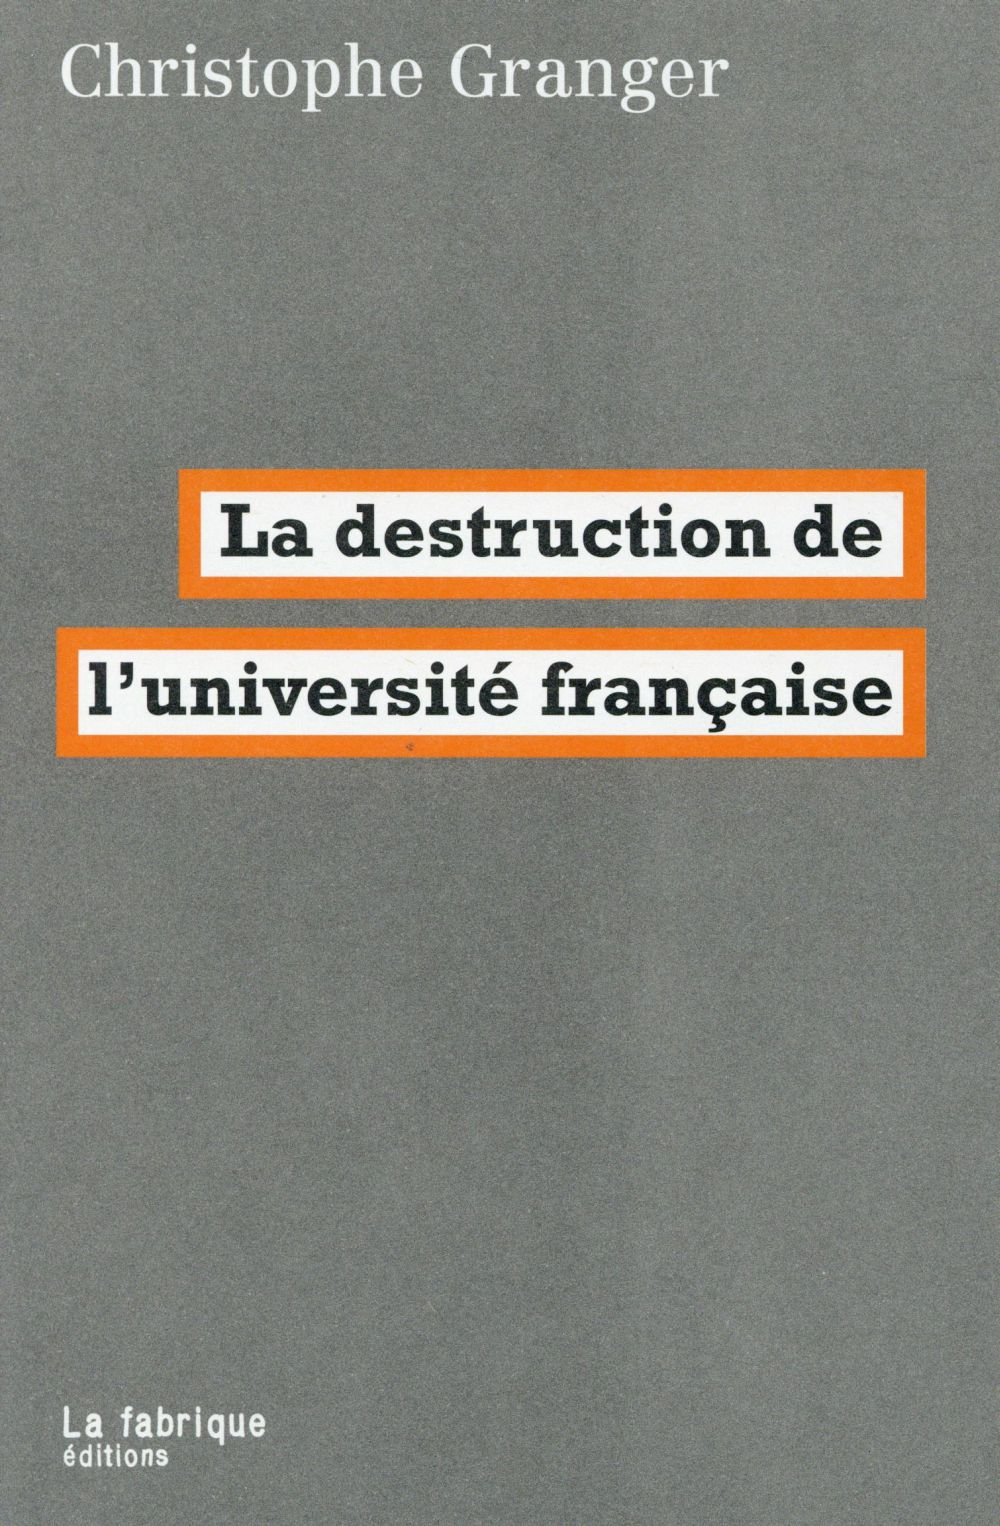 La destruction de l'université francaise